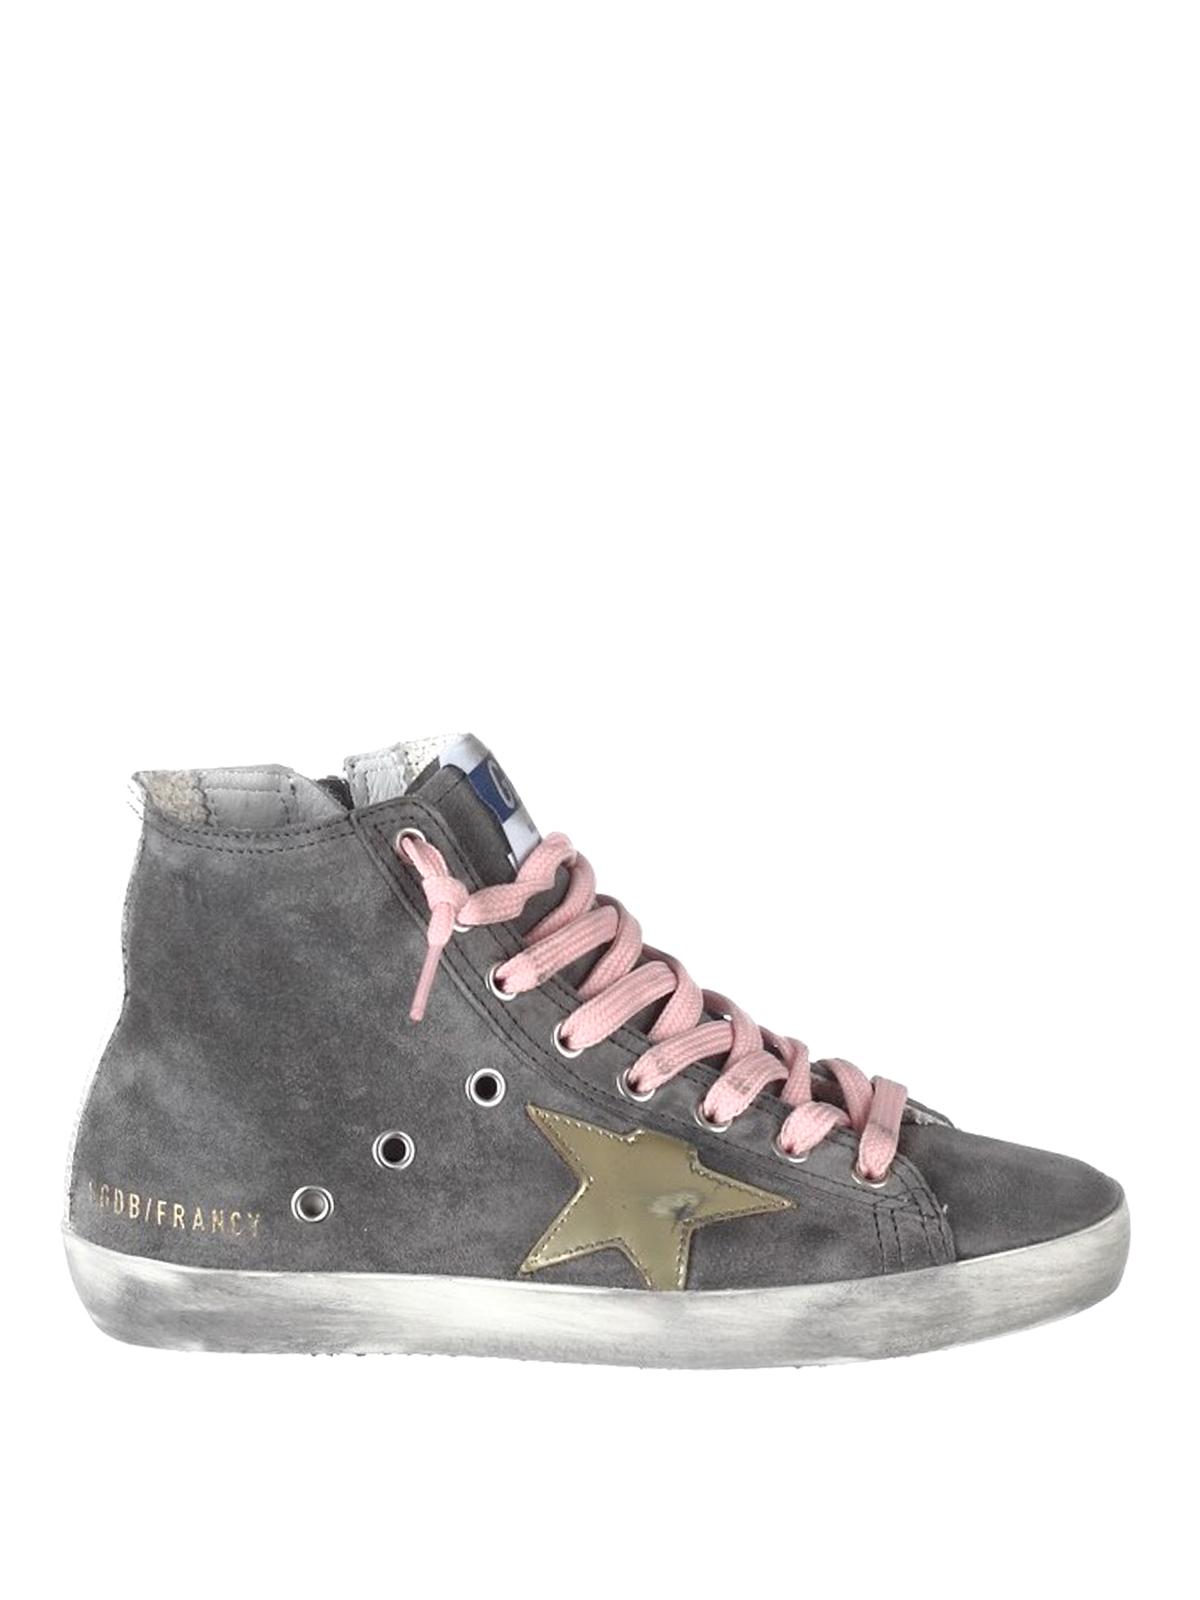 grey suede high top sneakers